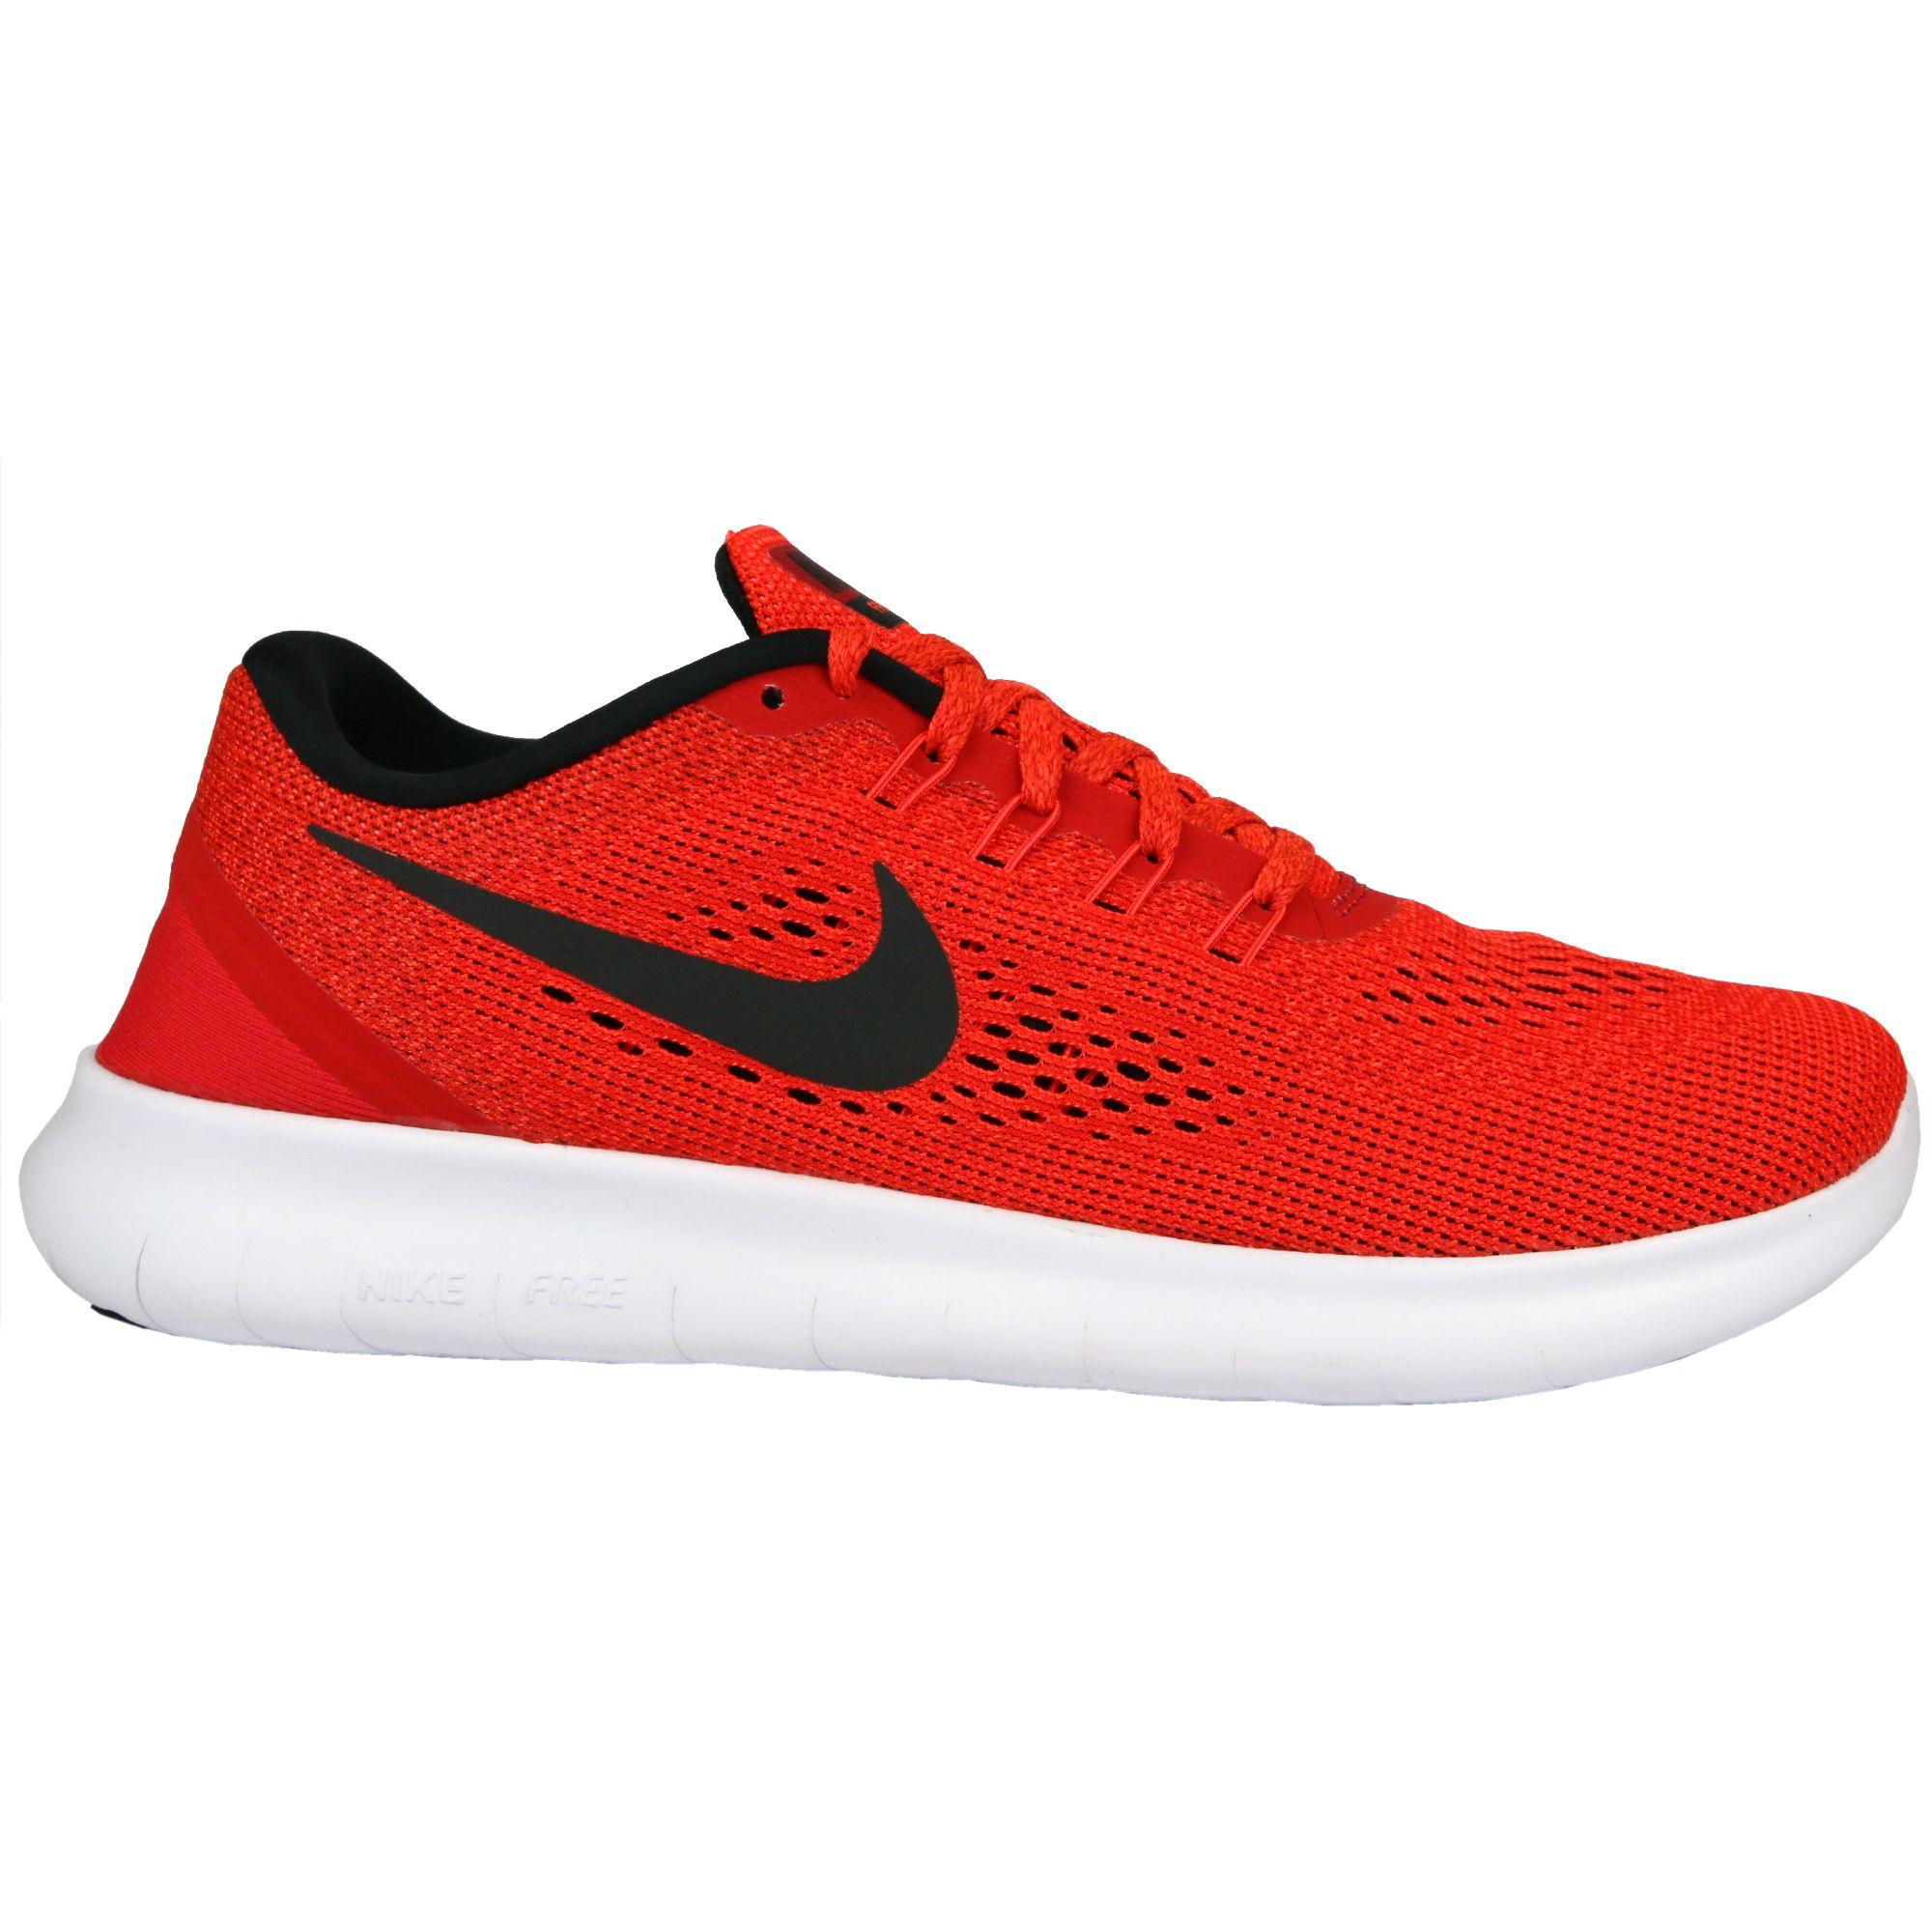 Running Shoes Similar To Nike Free